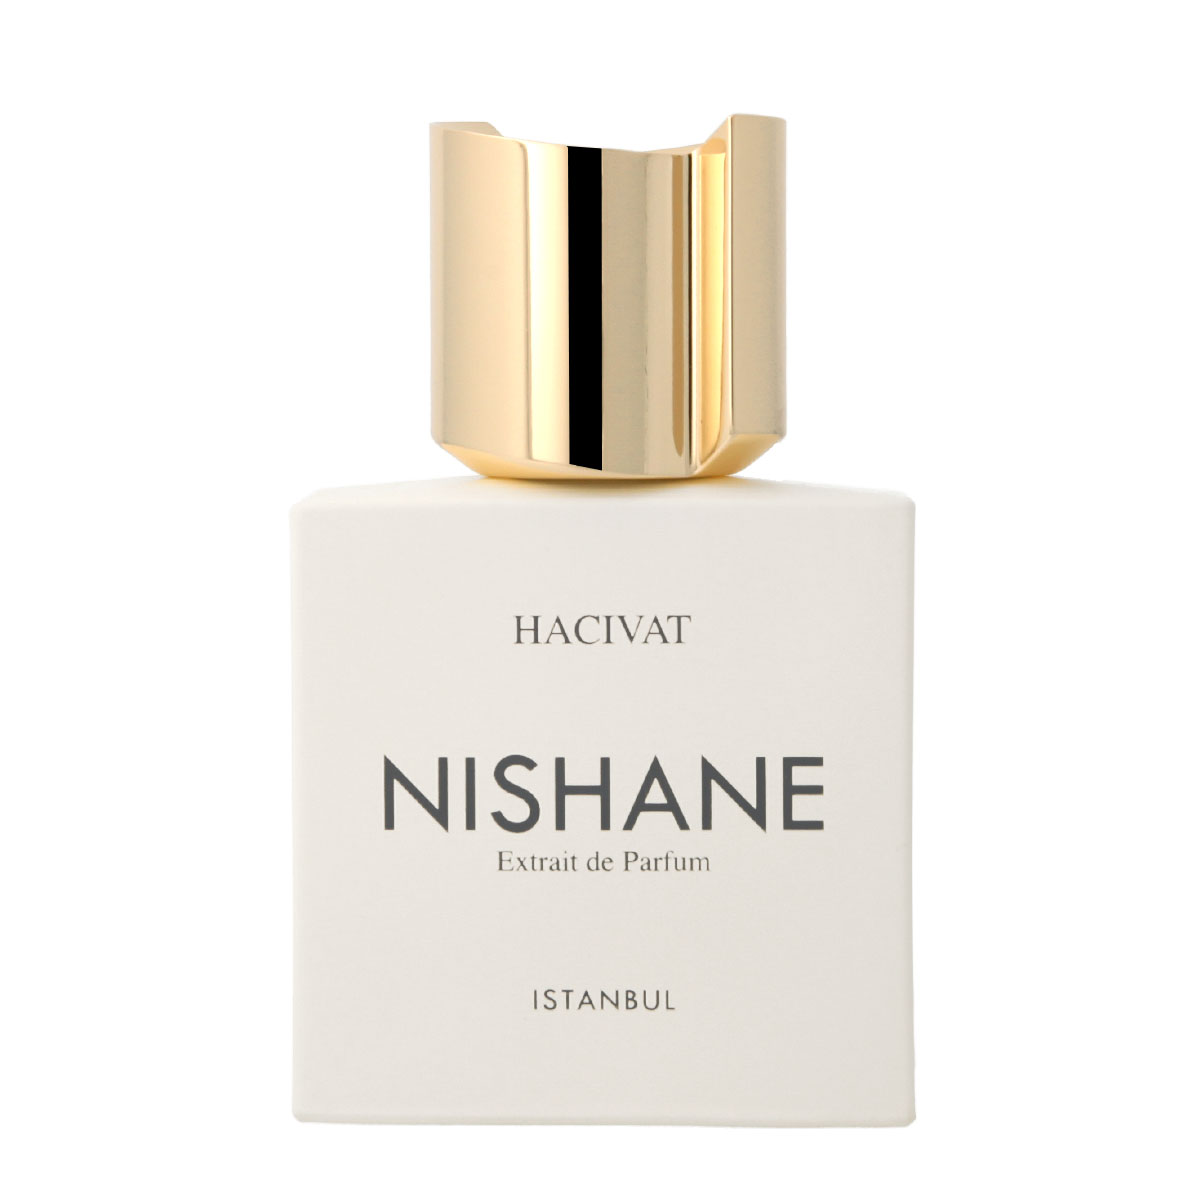 Nishane Hacivat Extrait de Parfum unisex 100ml